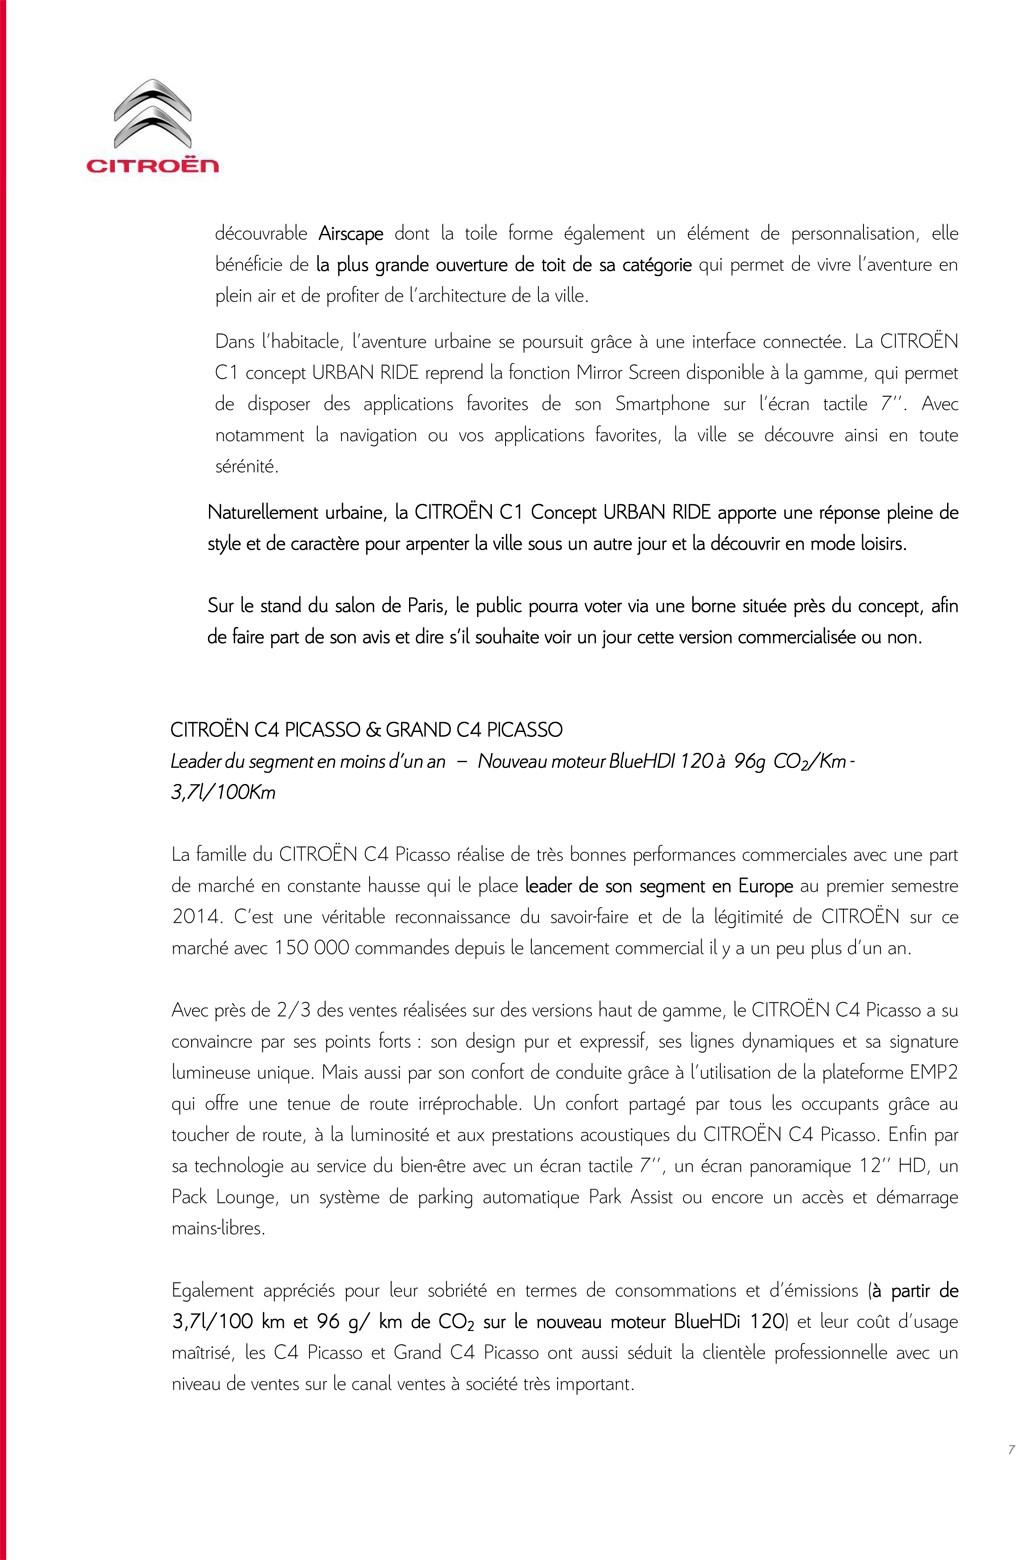 [SALON] Paris - Mondial de l'Automobile 2014 - Page 6 Dp_cit16